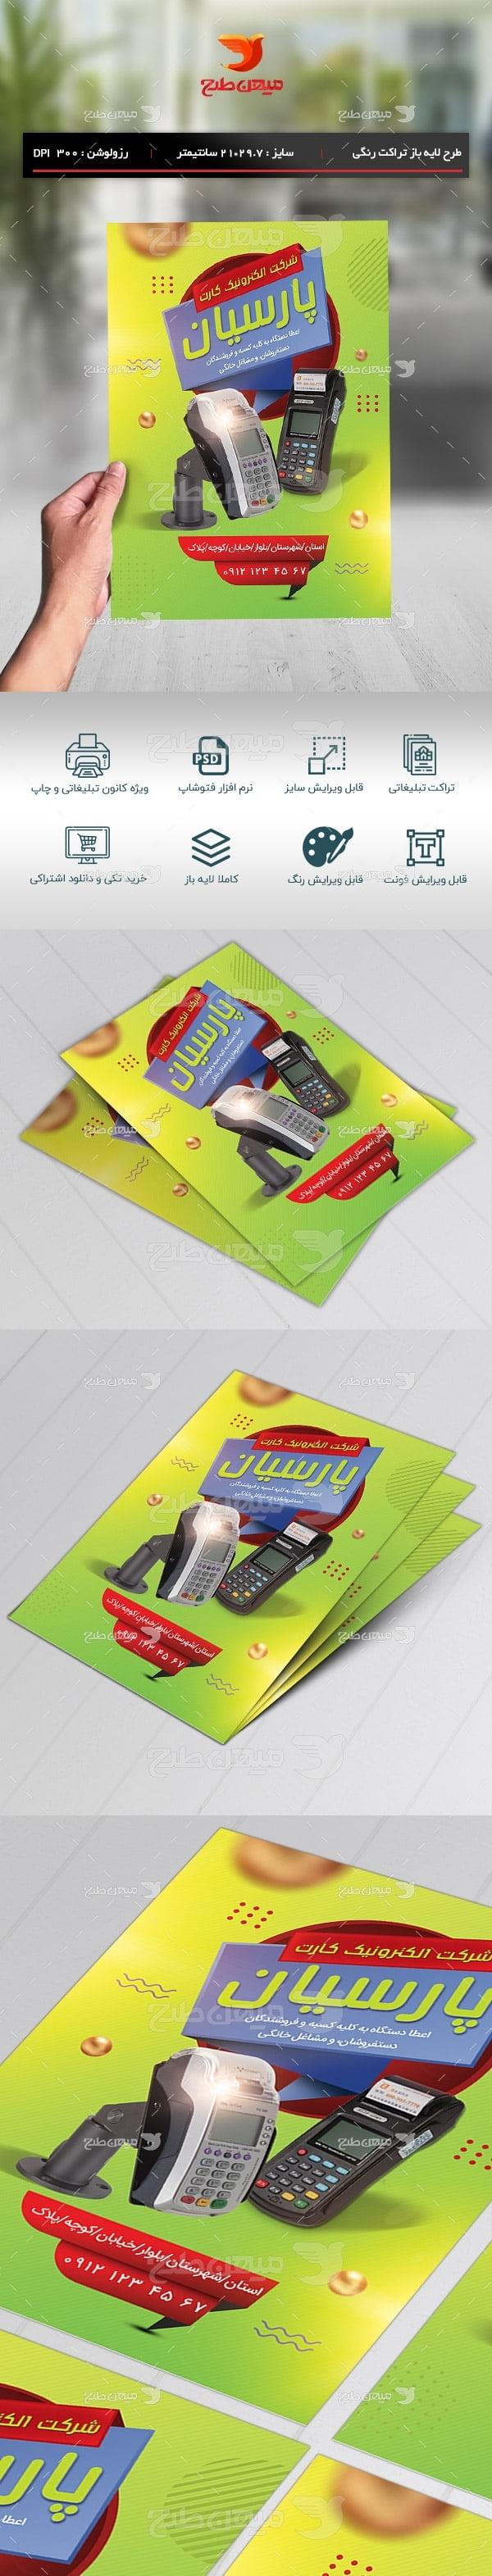 طرح لایه باز تراکت رنگی فروش دستگاه کارتخوان